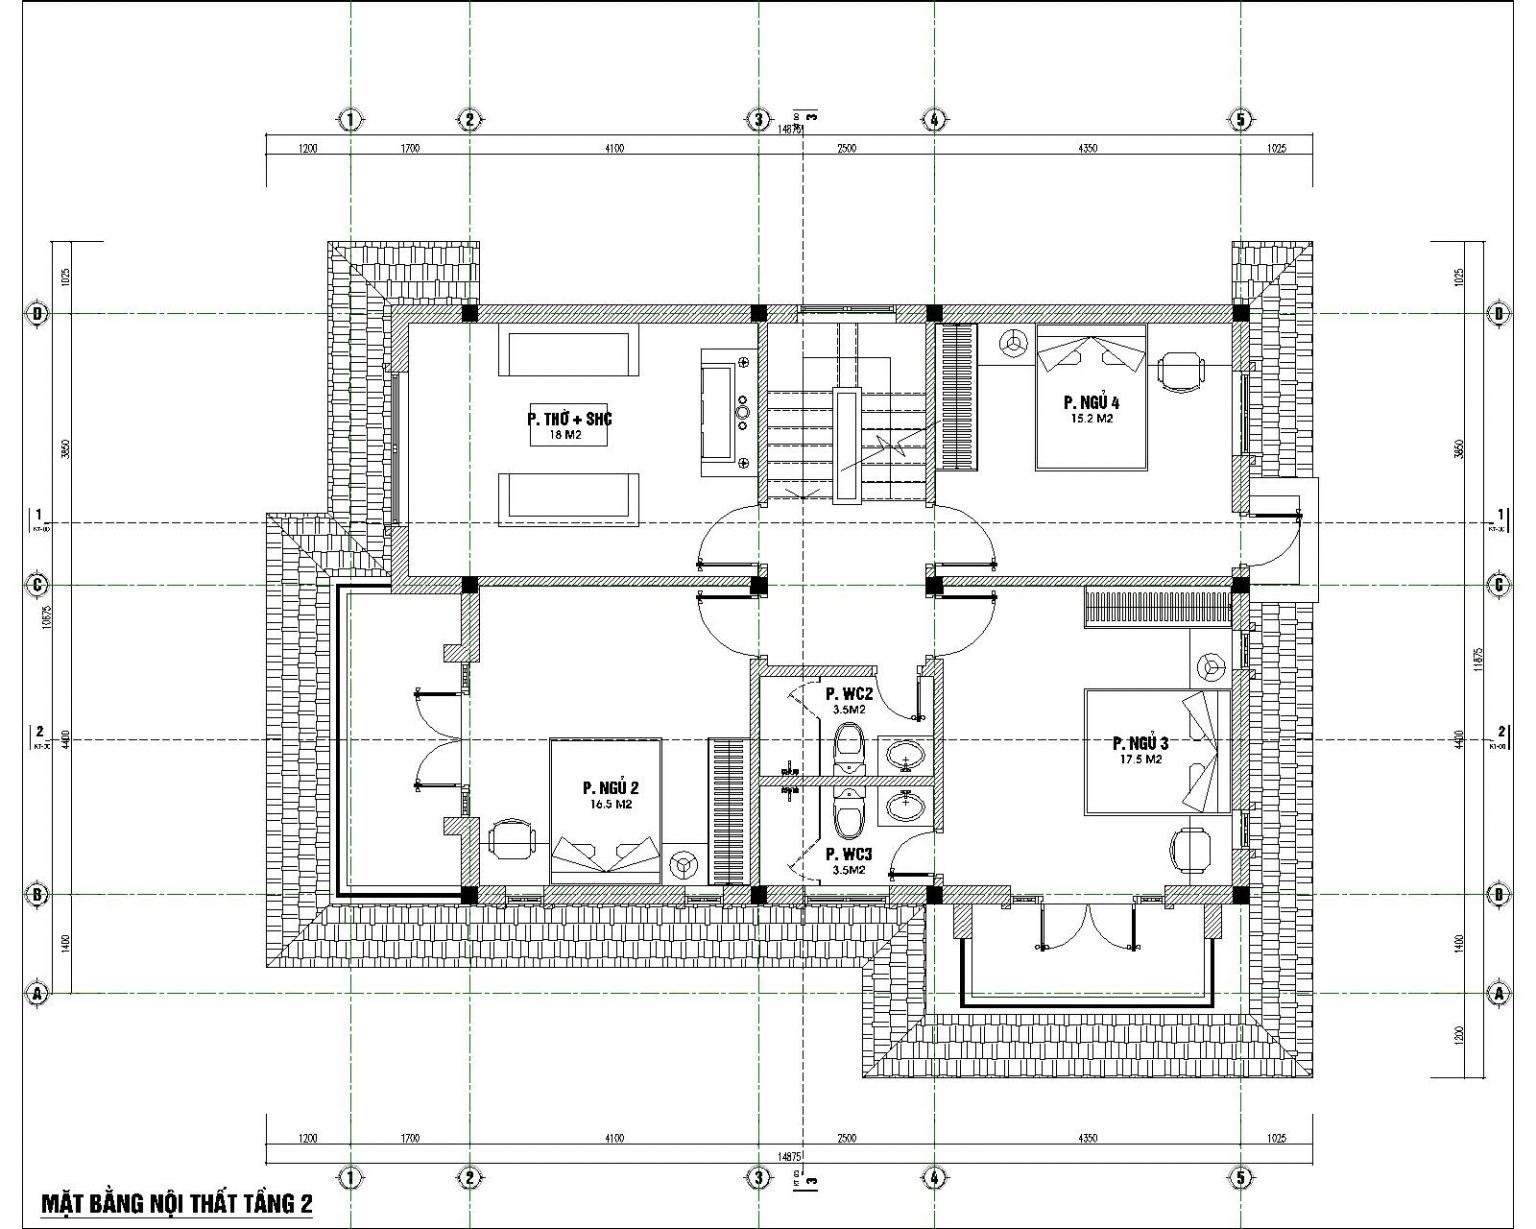 Mẫu bản vẽ nhà 2 tầng nông thôn